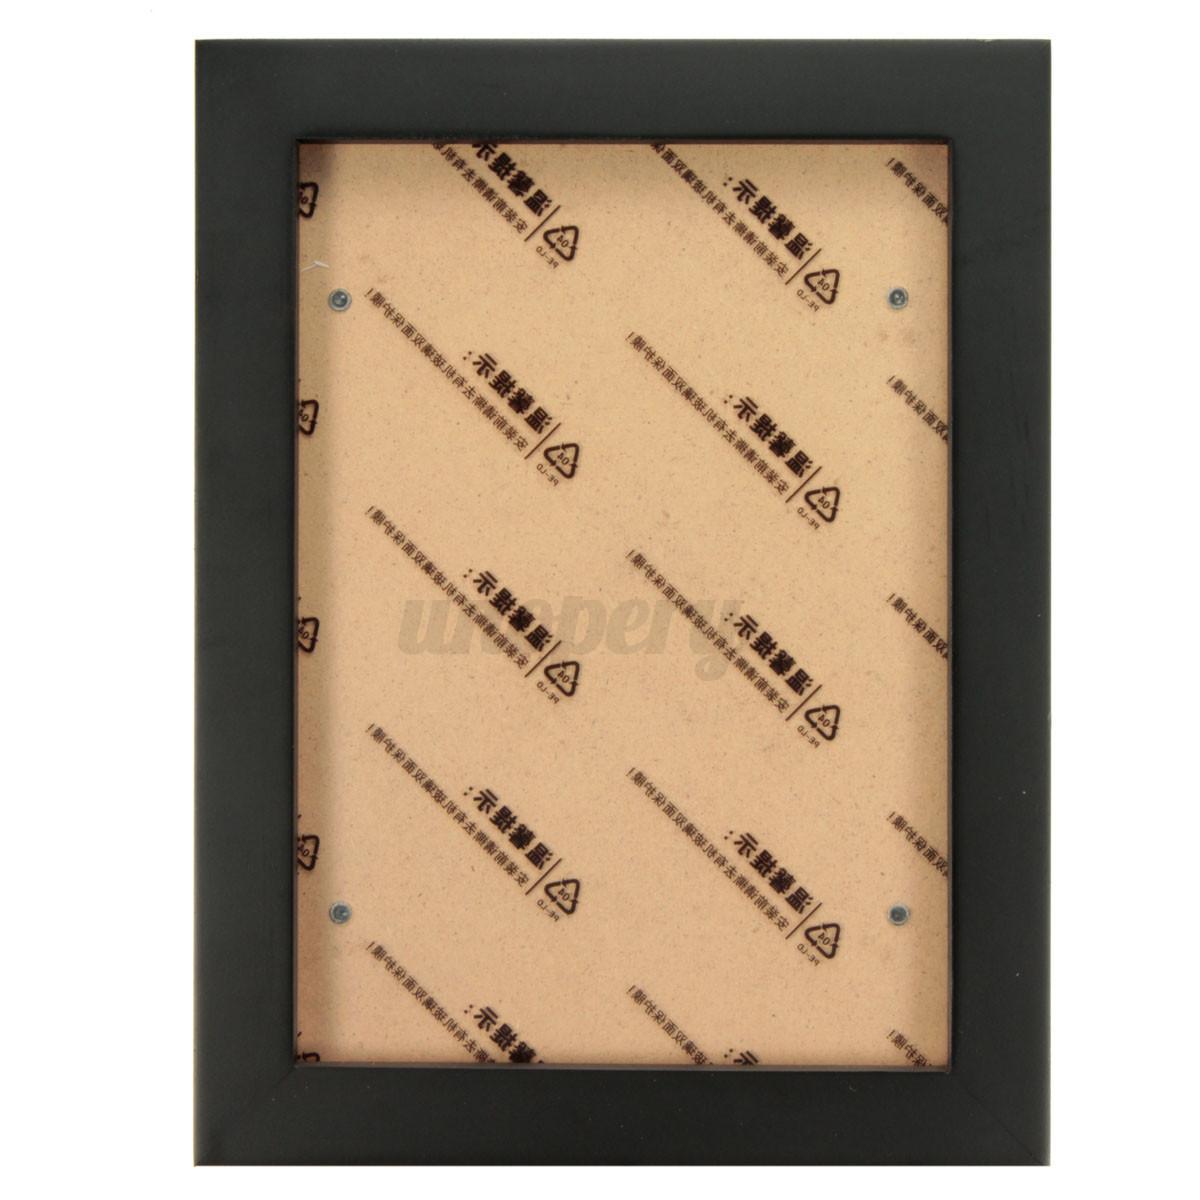 Cornice portafoto in legno cornici colorate da parete per - Cornici da parete per foto ...